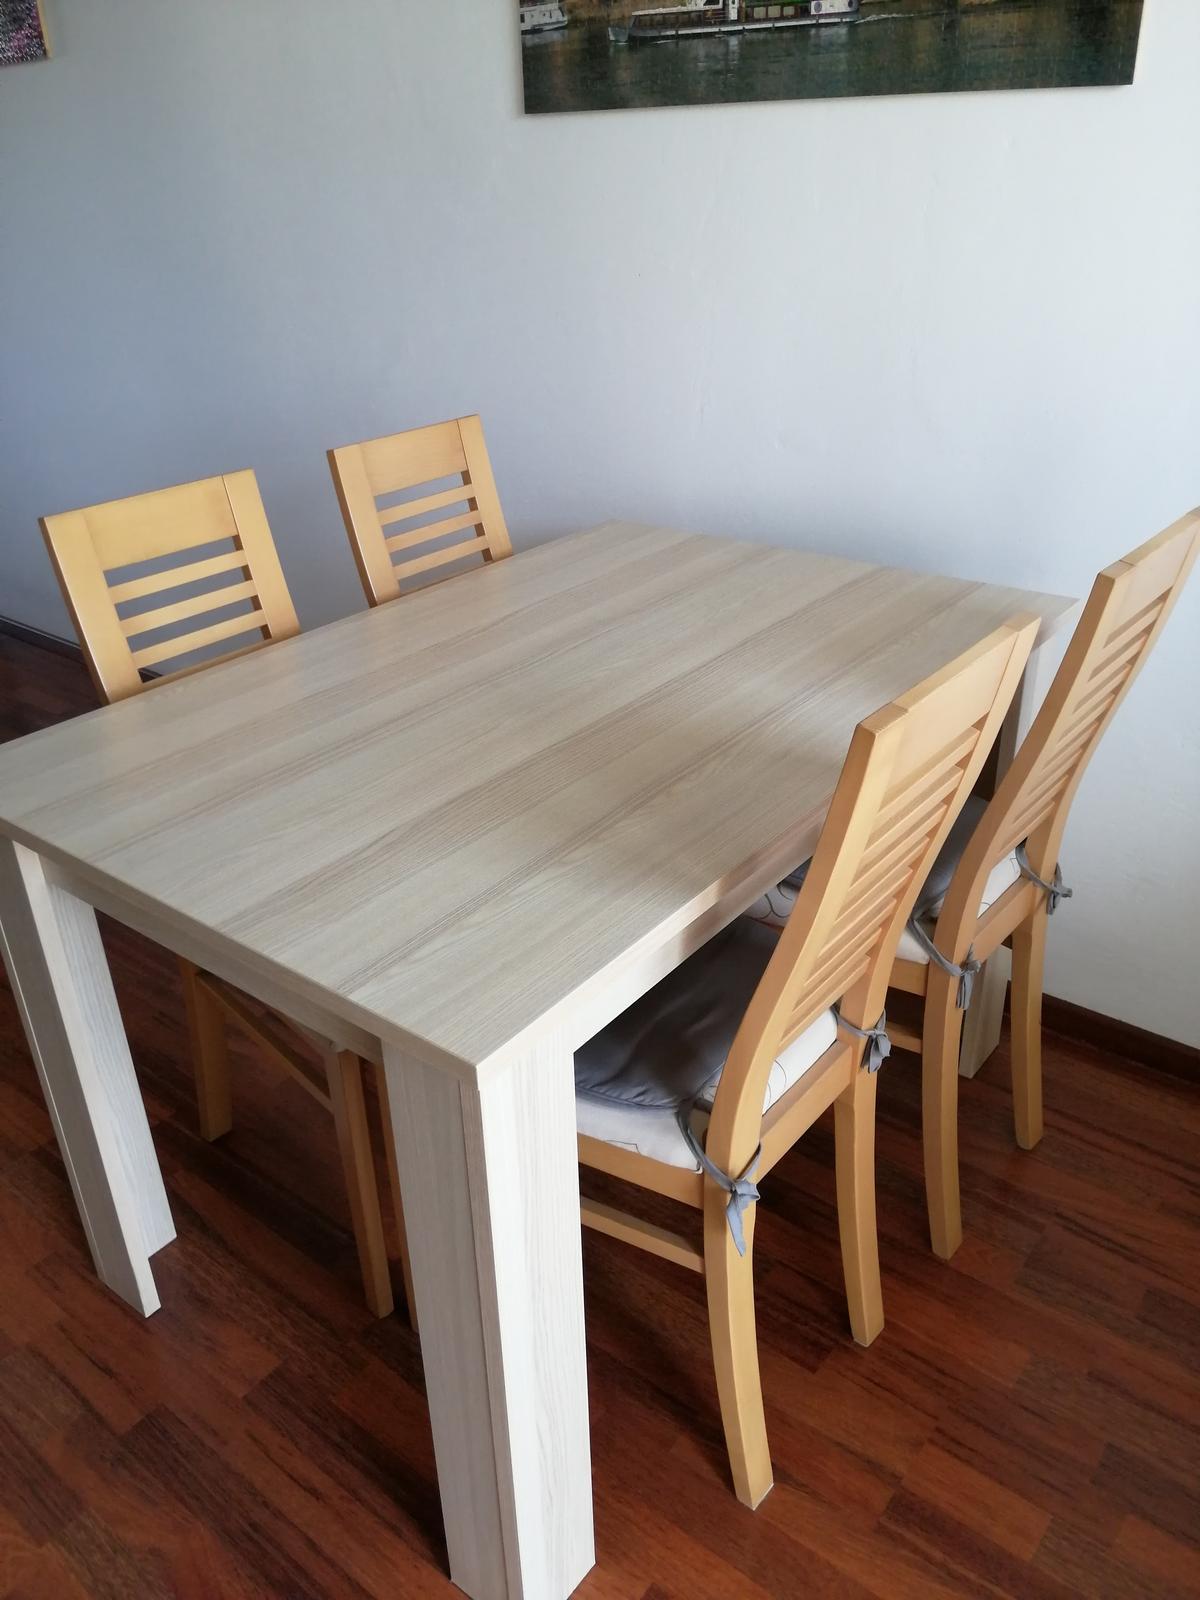 Jedálenský stôl a 4 stoličky - Obrázok č. 1